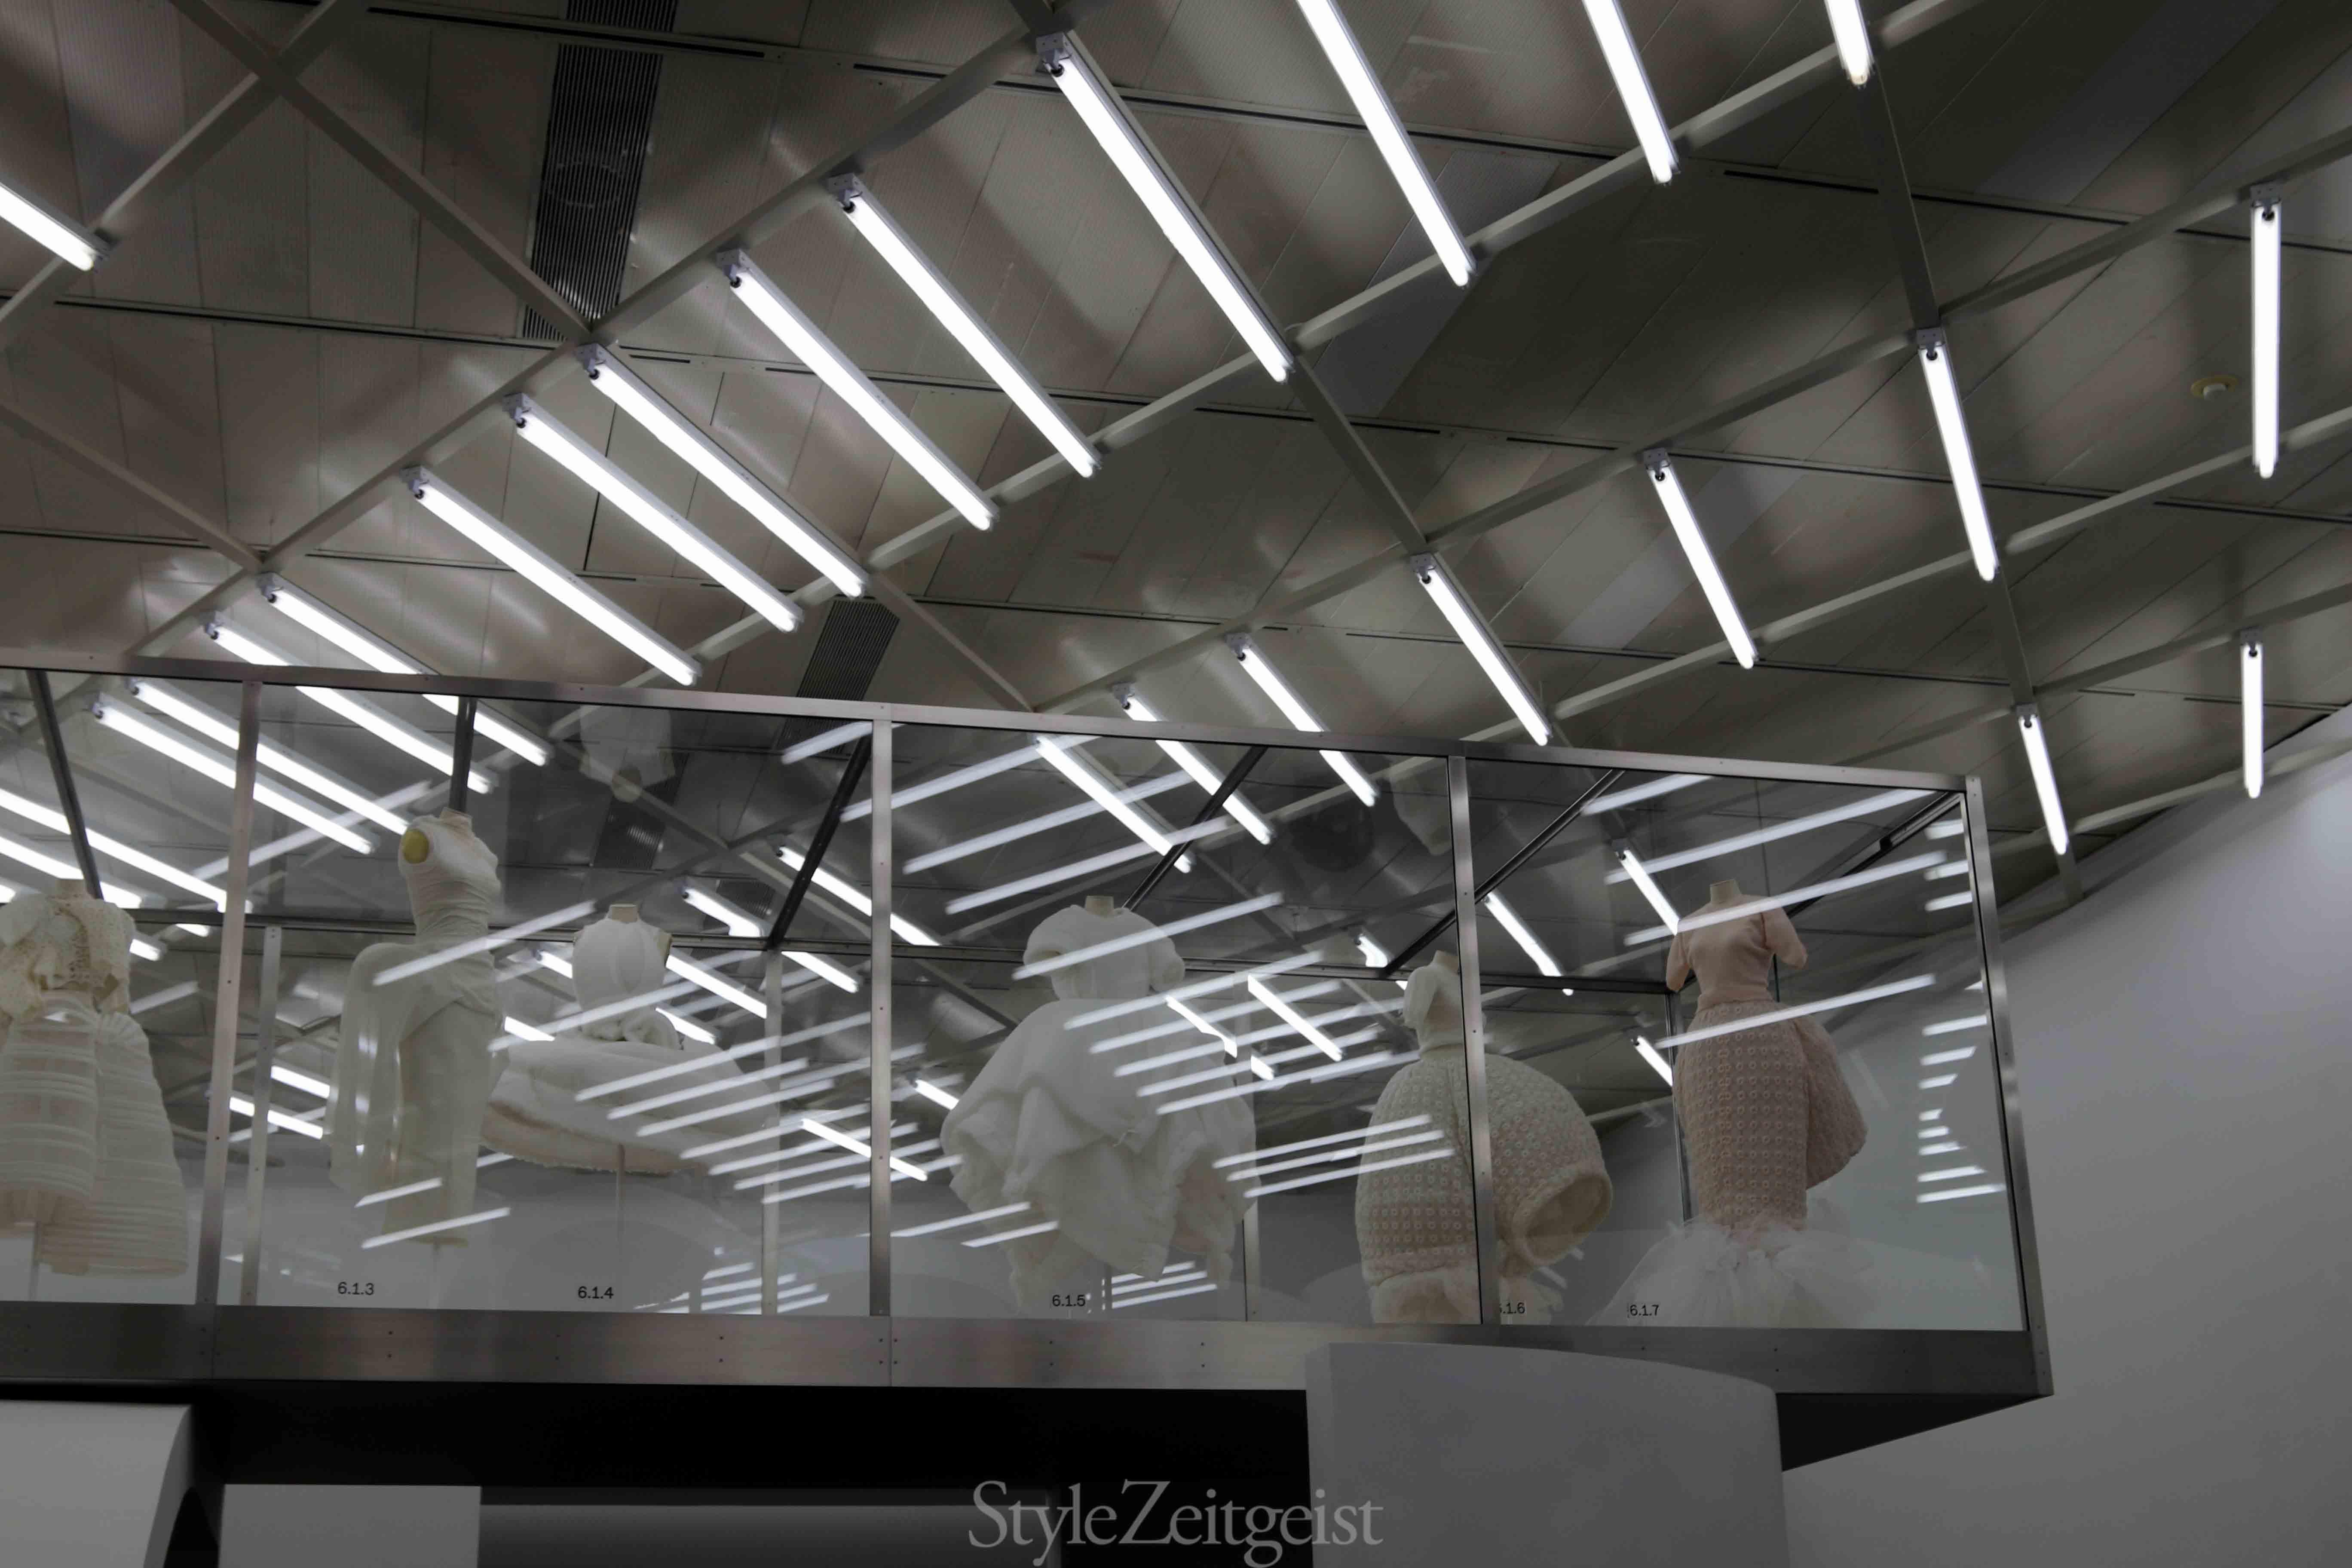 Comme des Garçons at the Met - fashion, events - The Met, StyleZeitgeist, Rei Kawakubo, Fashion, Exhibit, Event, Comme Des Garcons, 2017